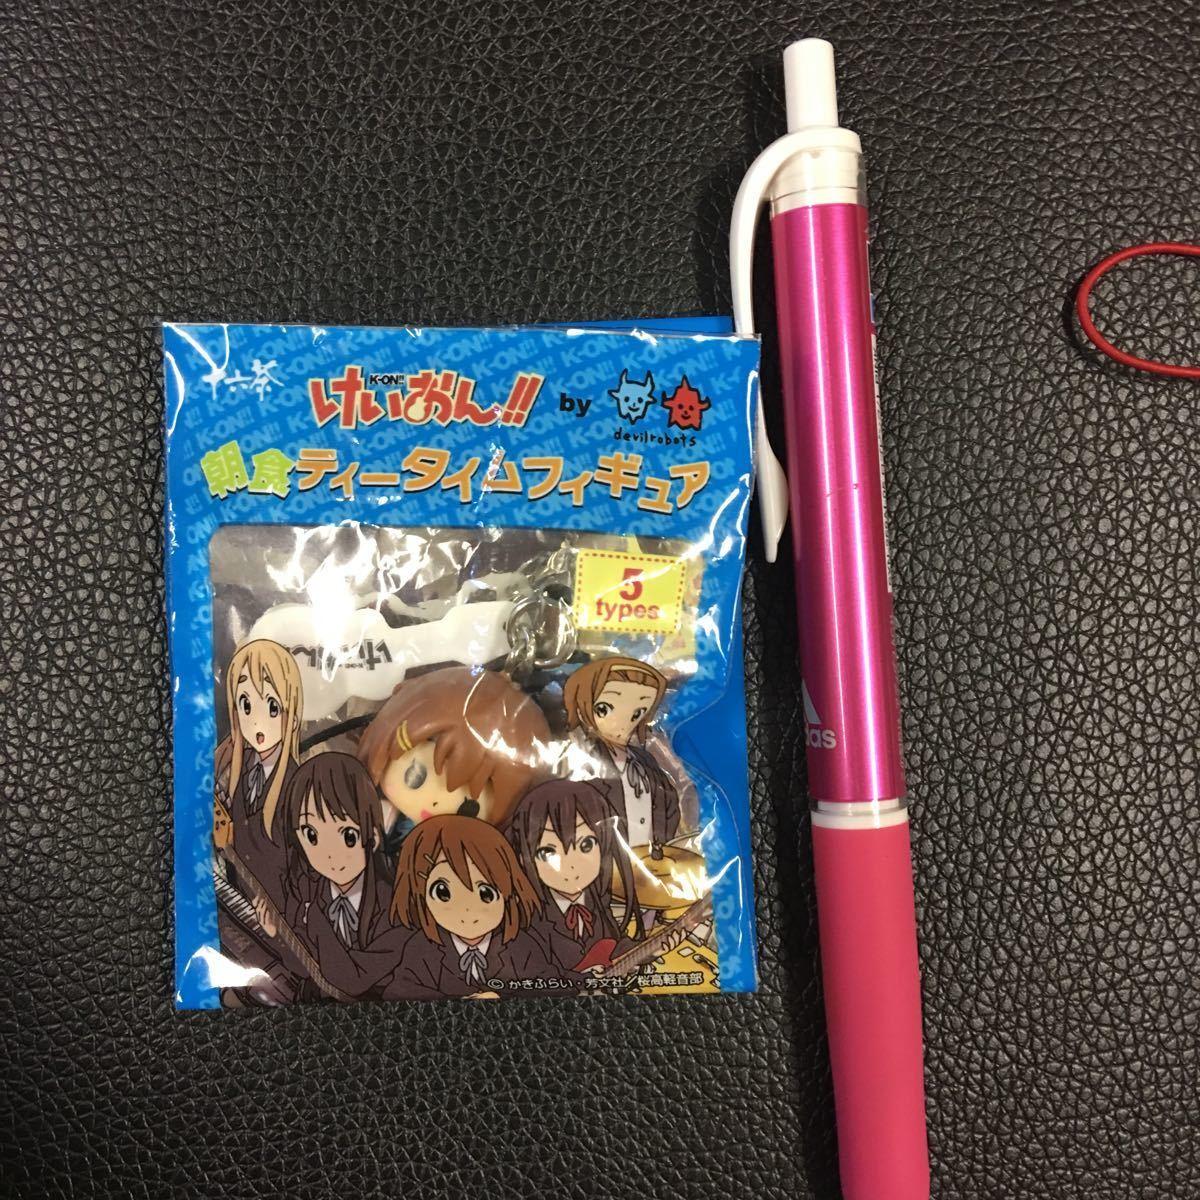 けいおん、朝食ティータイム、ミニフィギュア、平沢唯_画像1